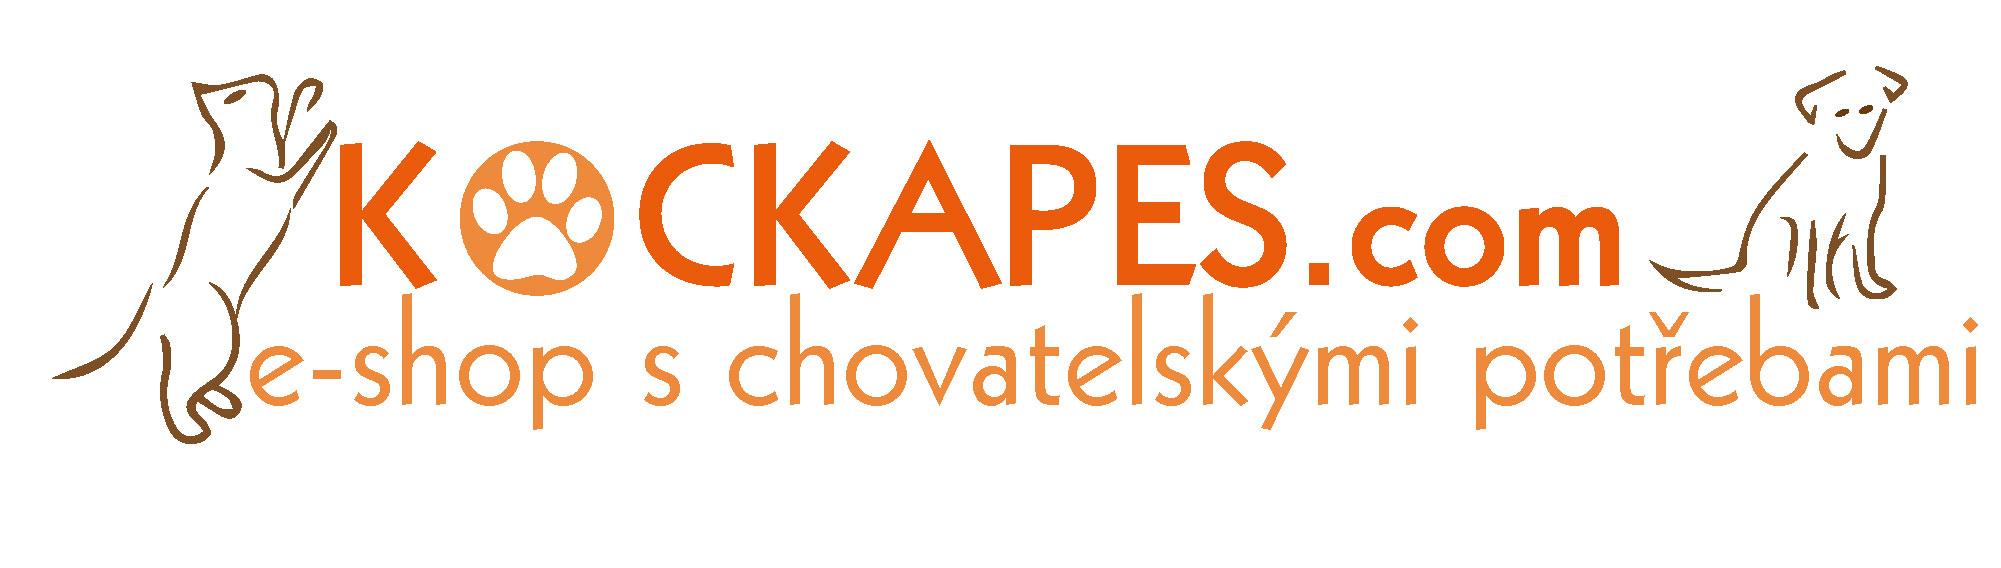 KOCKAPES.com